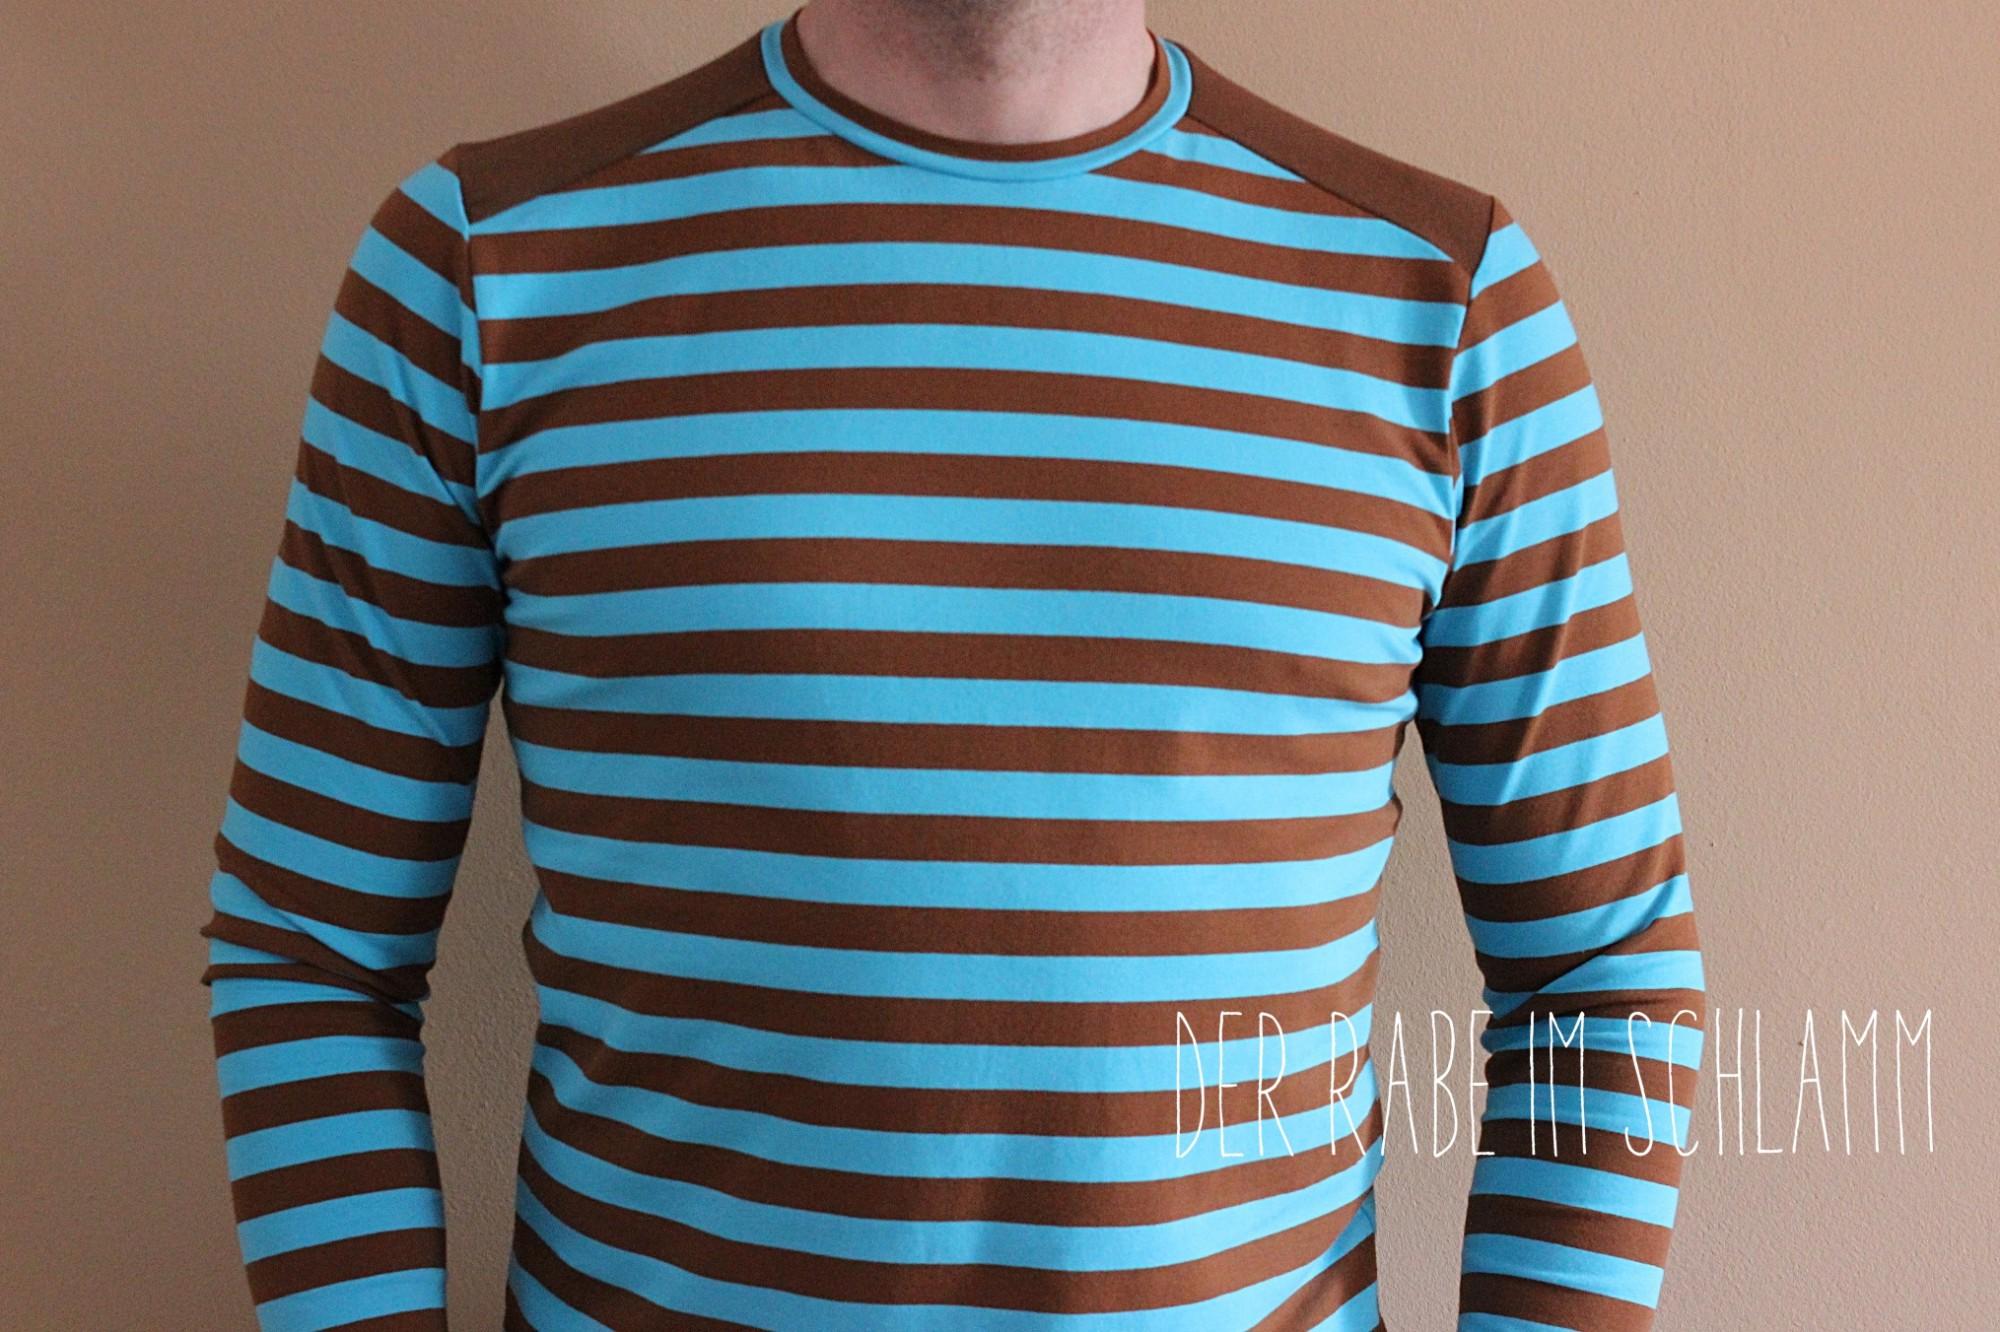 Föhr, schnittreif, Shirt, Der Rabe im Schlamm, Nähen, Schnittmuster, Herren, Männer